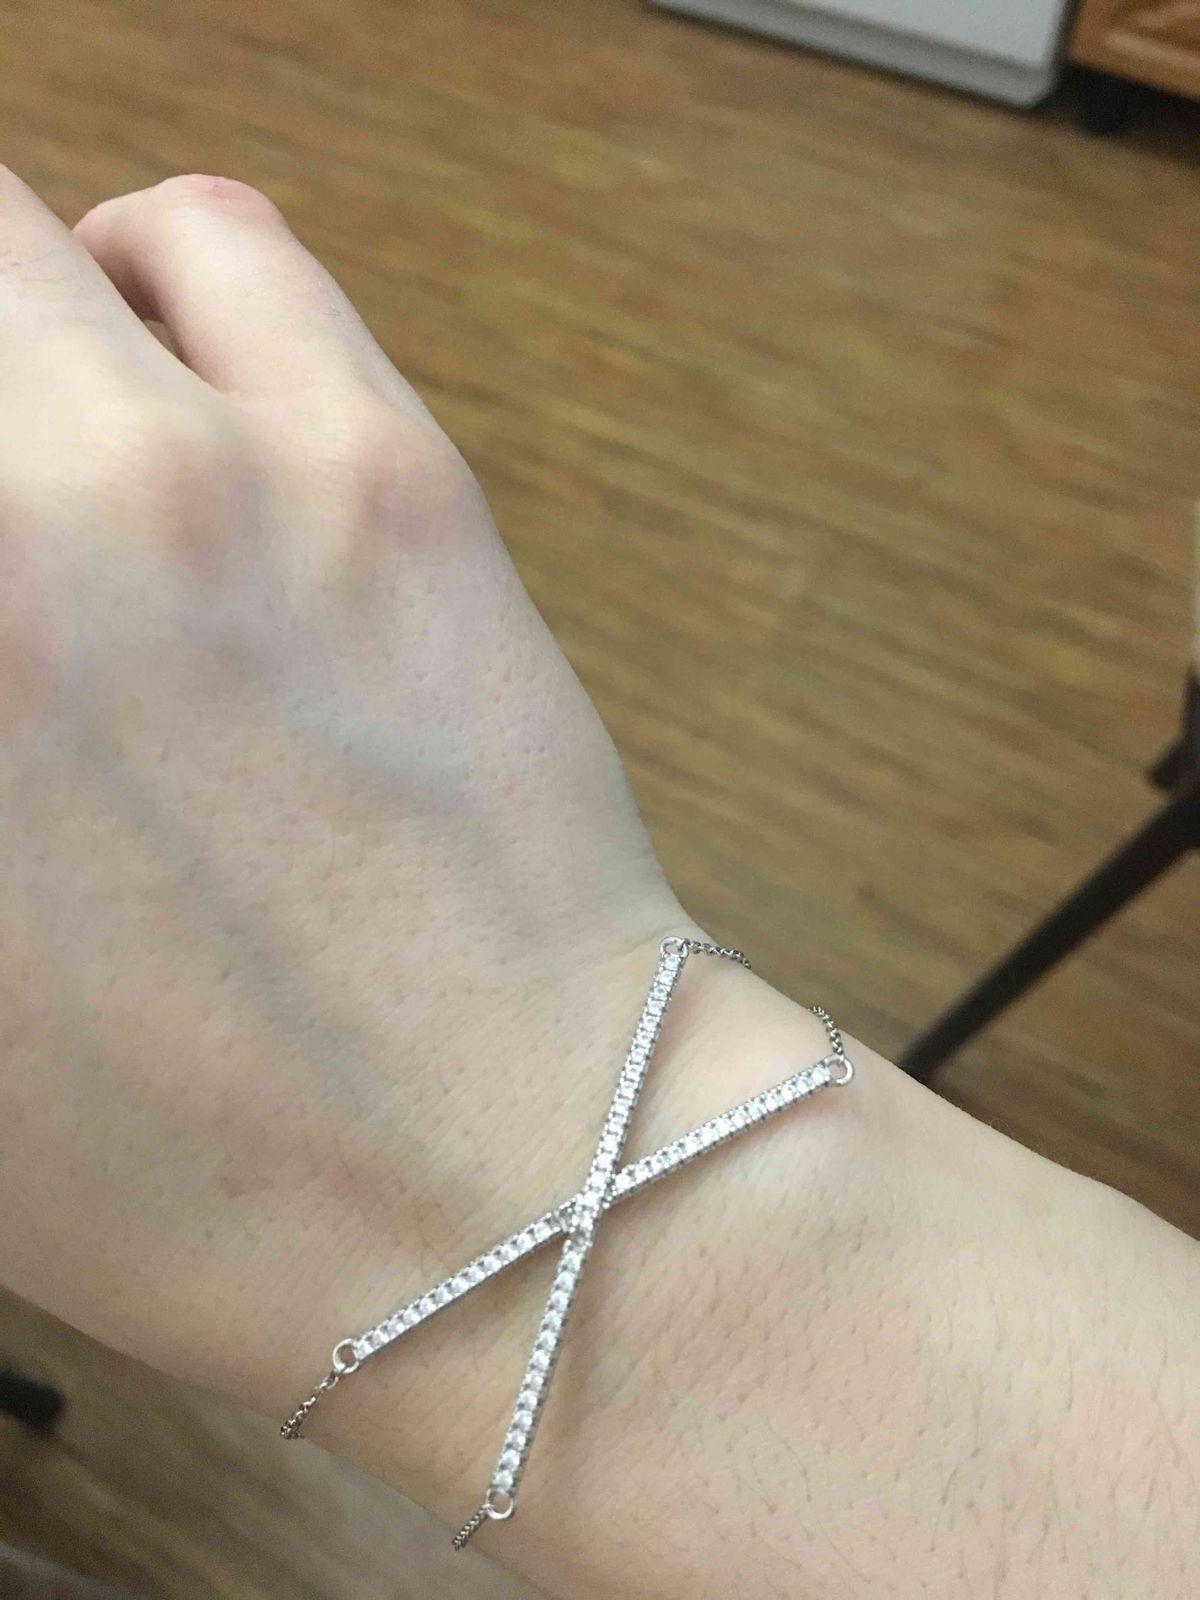 Красивый браслет, но камни отваливаются